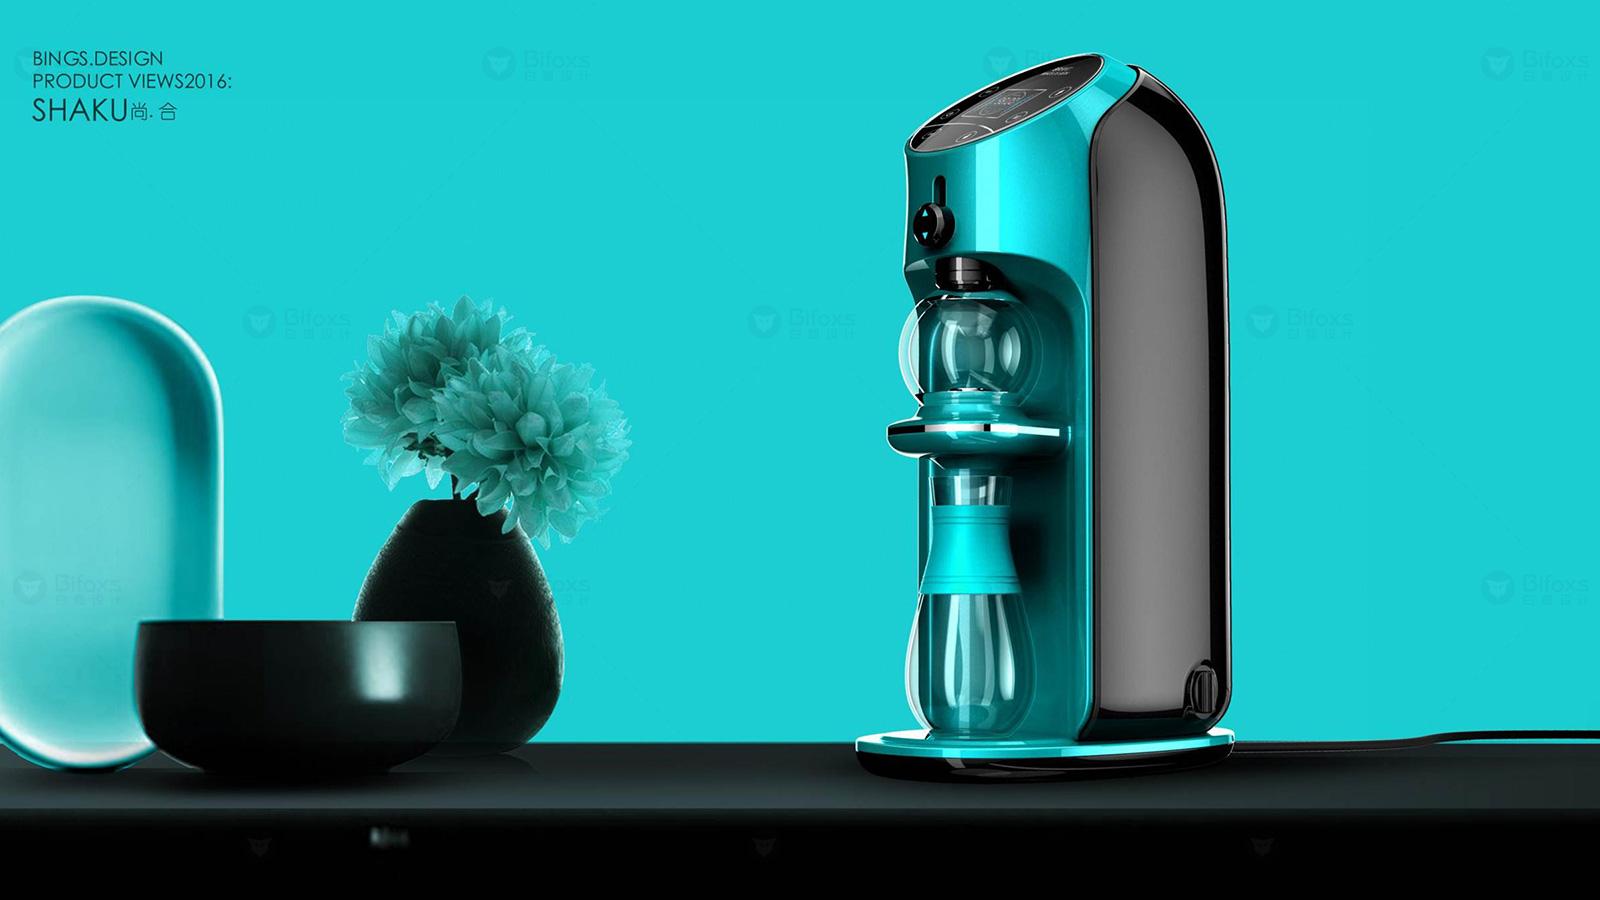 智能泡茶机设计大大提升了泡茶的效率